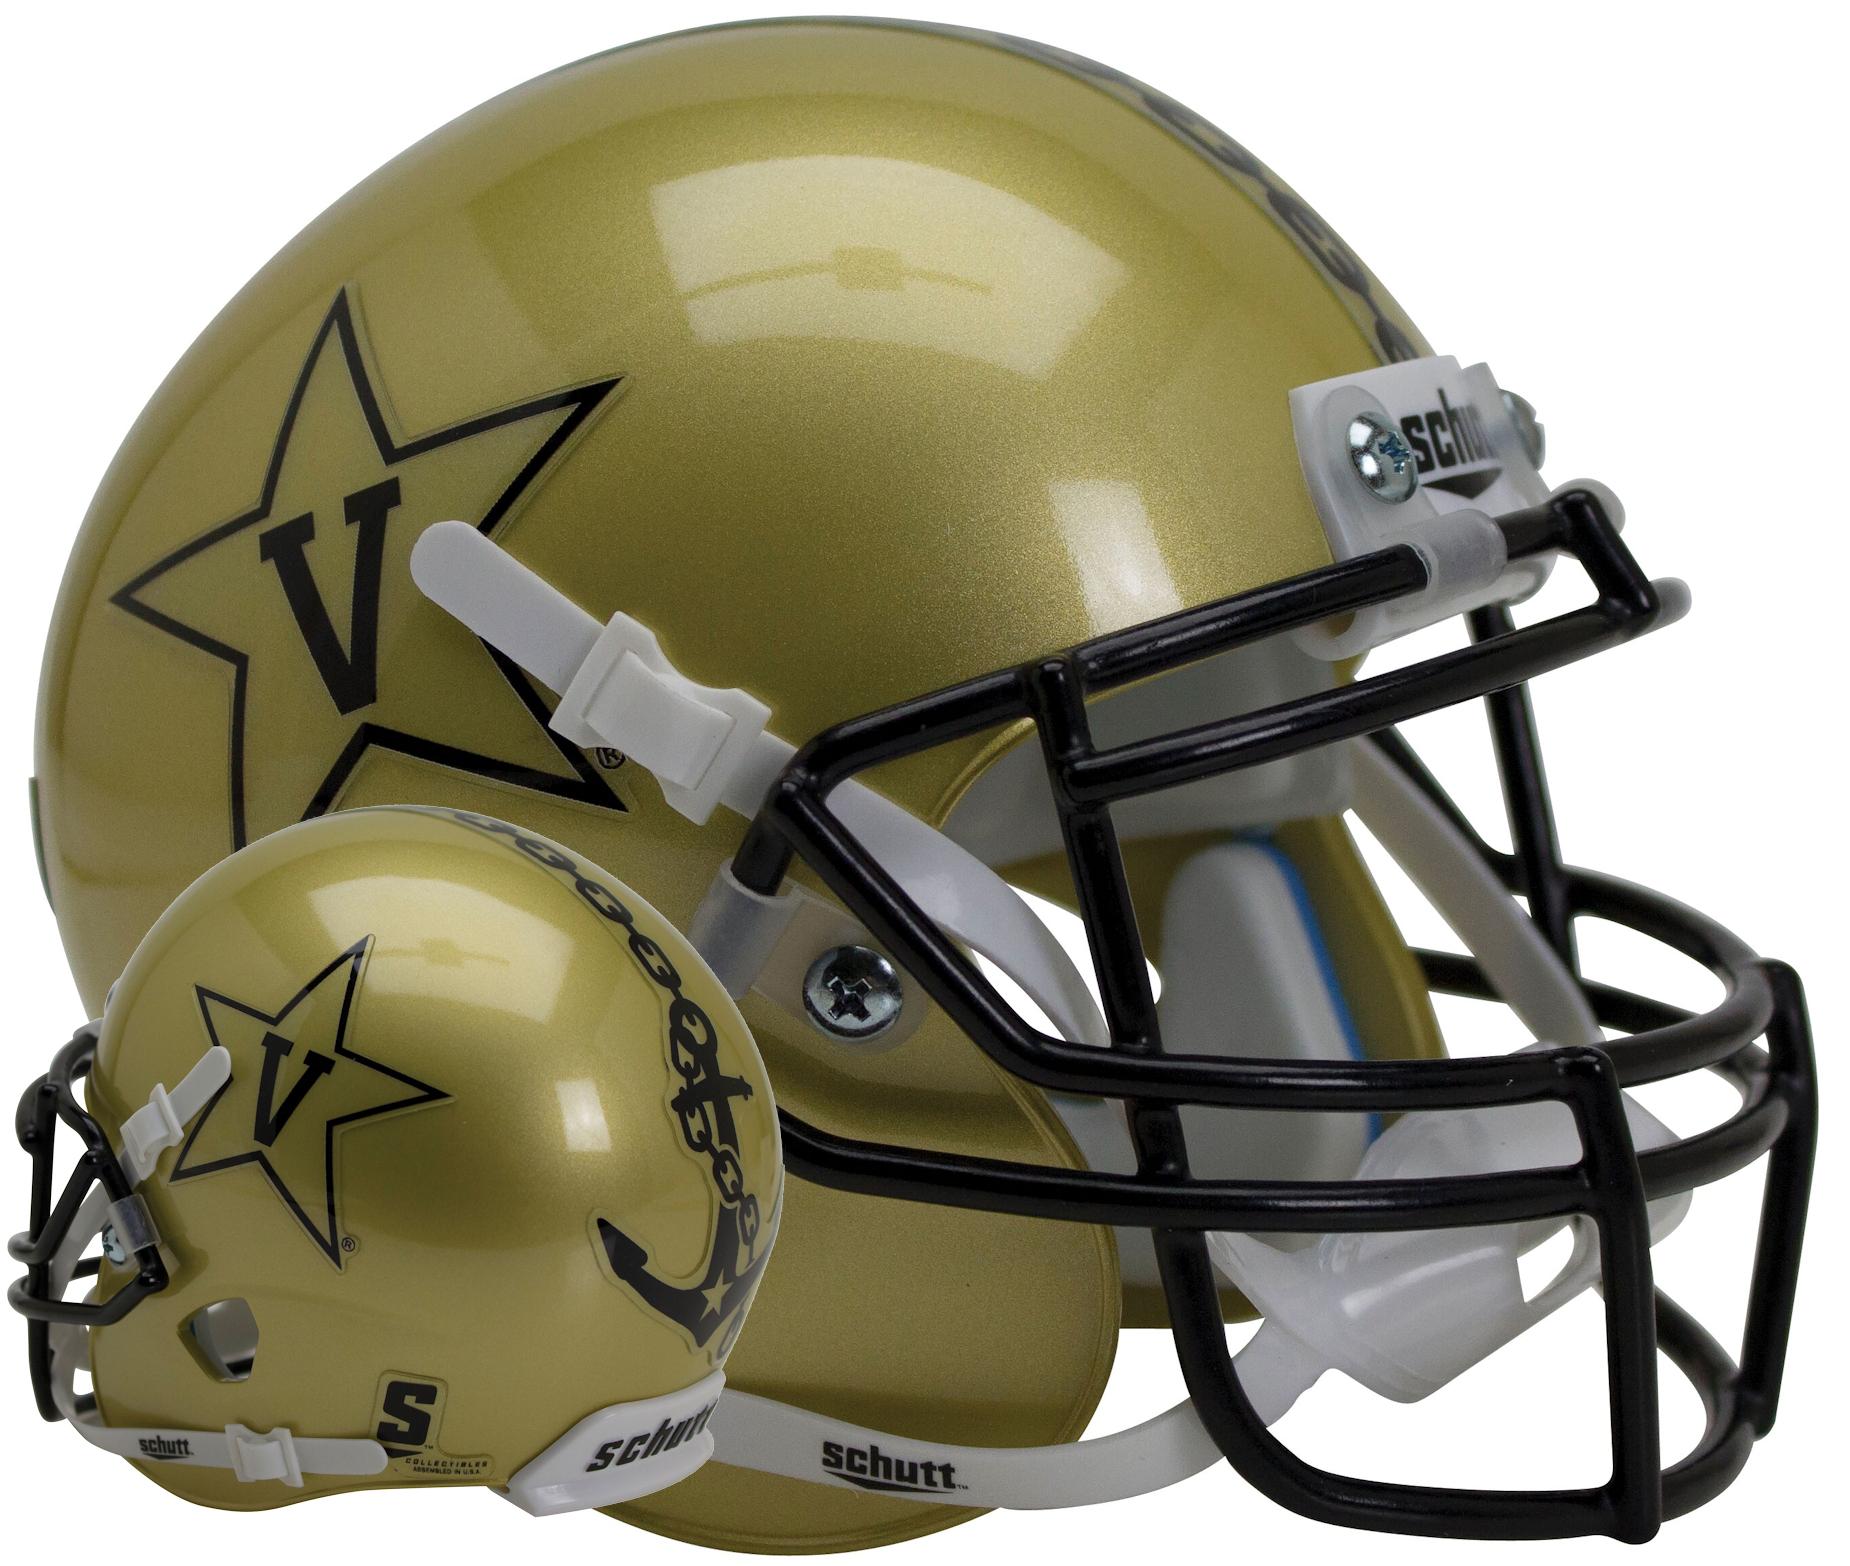 Vanderbilt Commodores Full XP Replica Football Helmet Schutt <B>Gold</B>